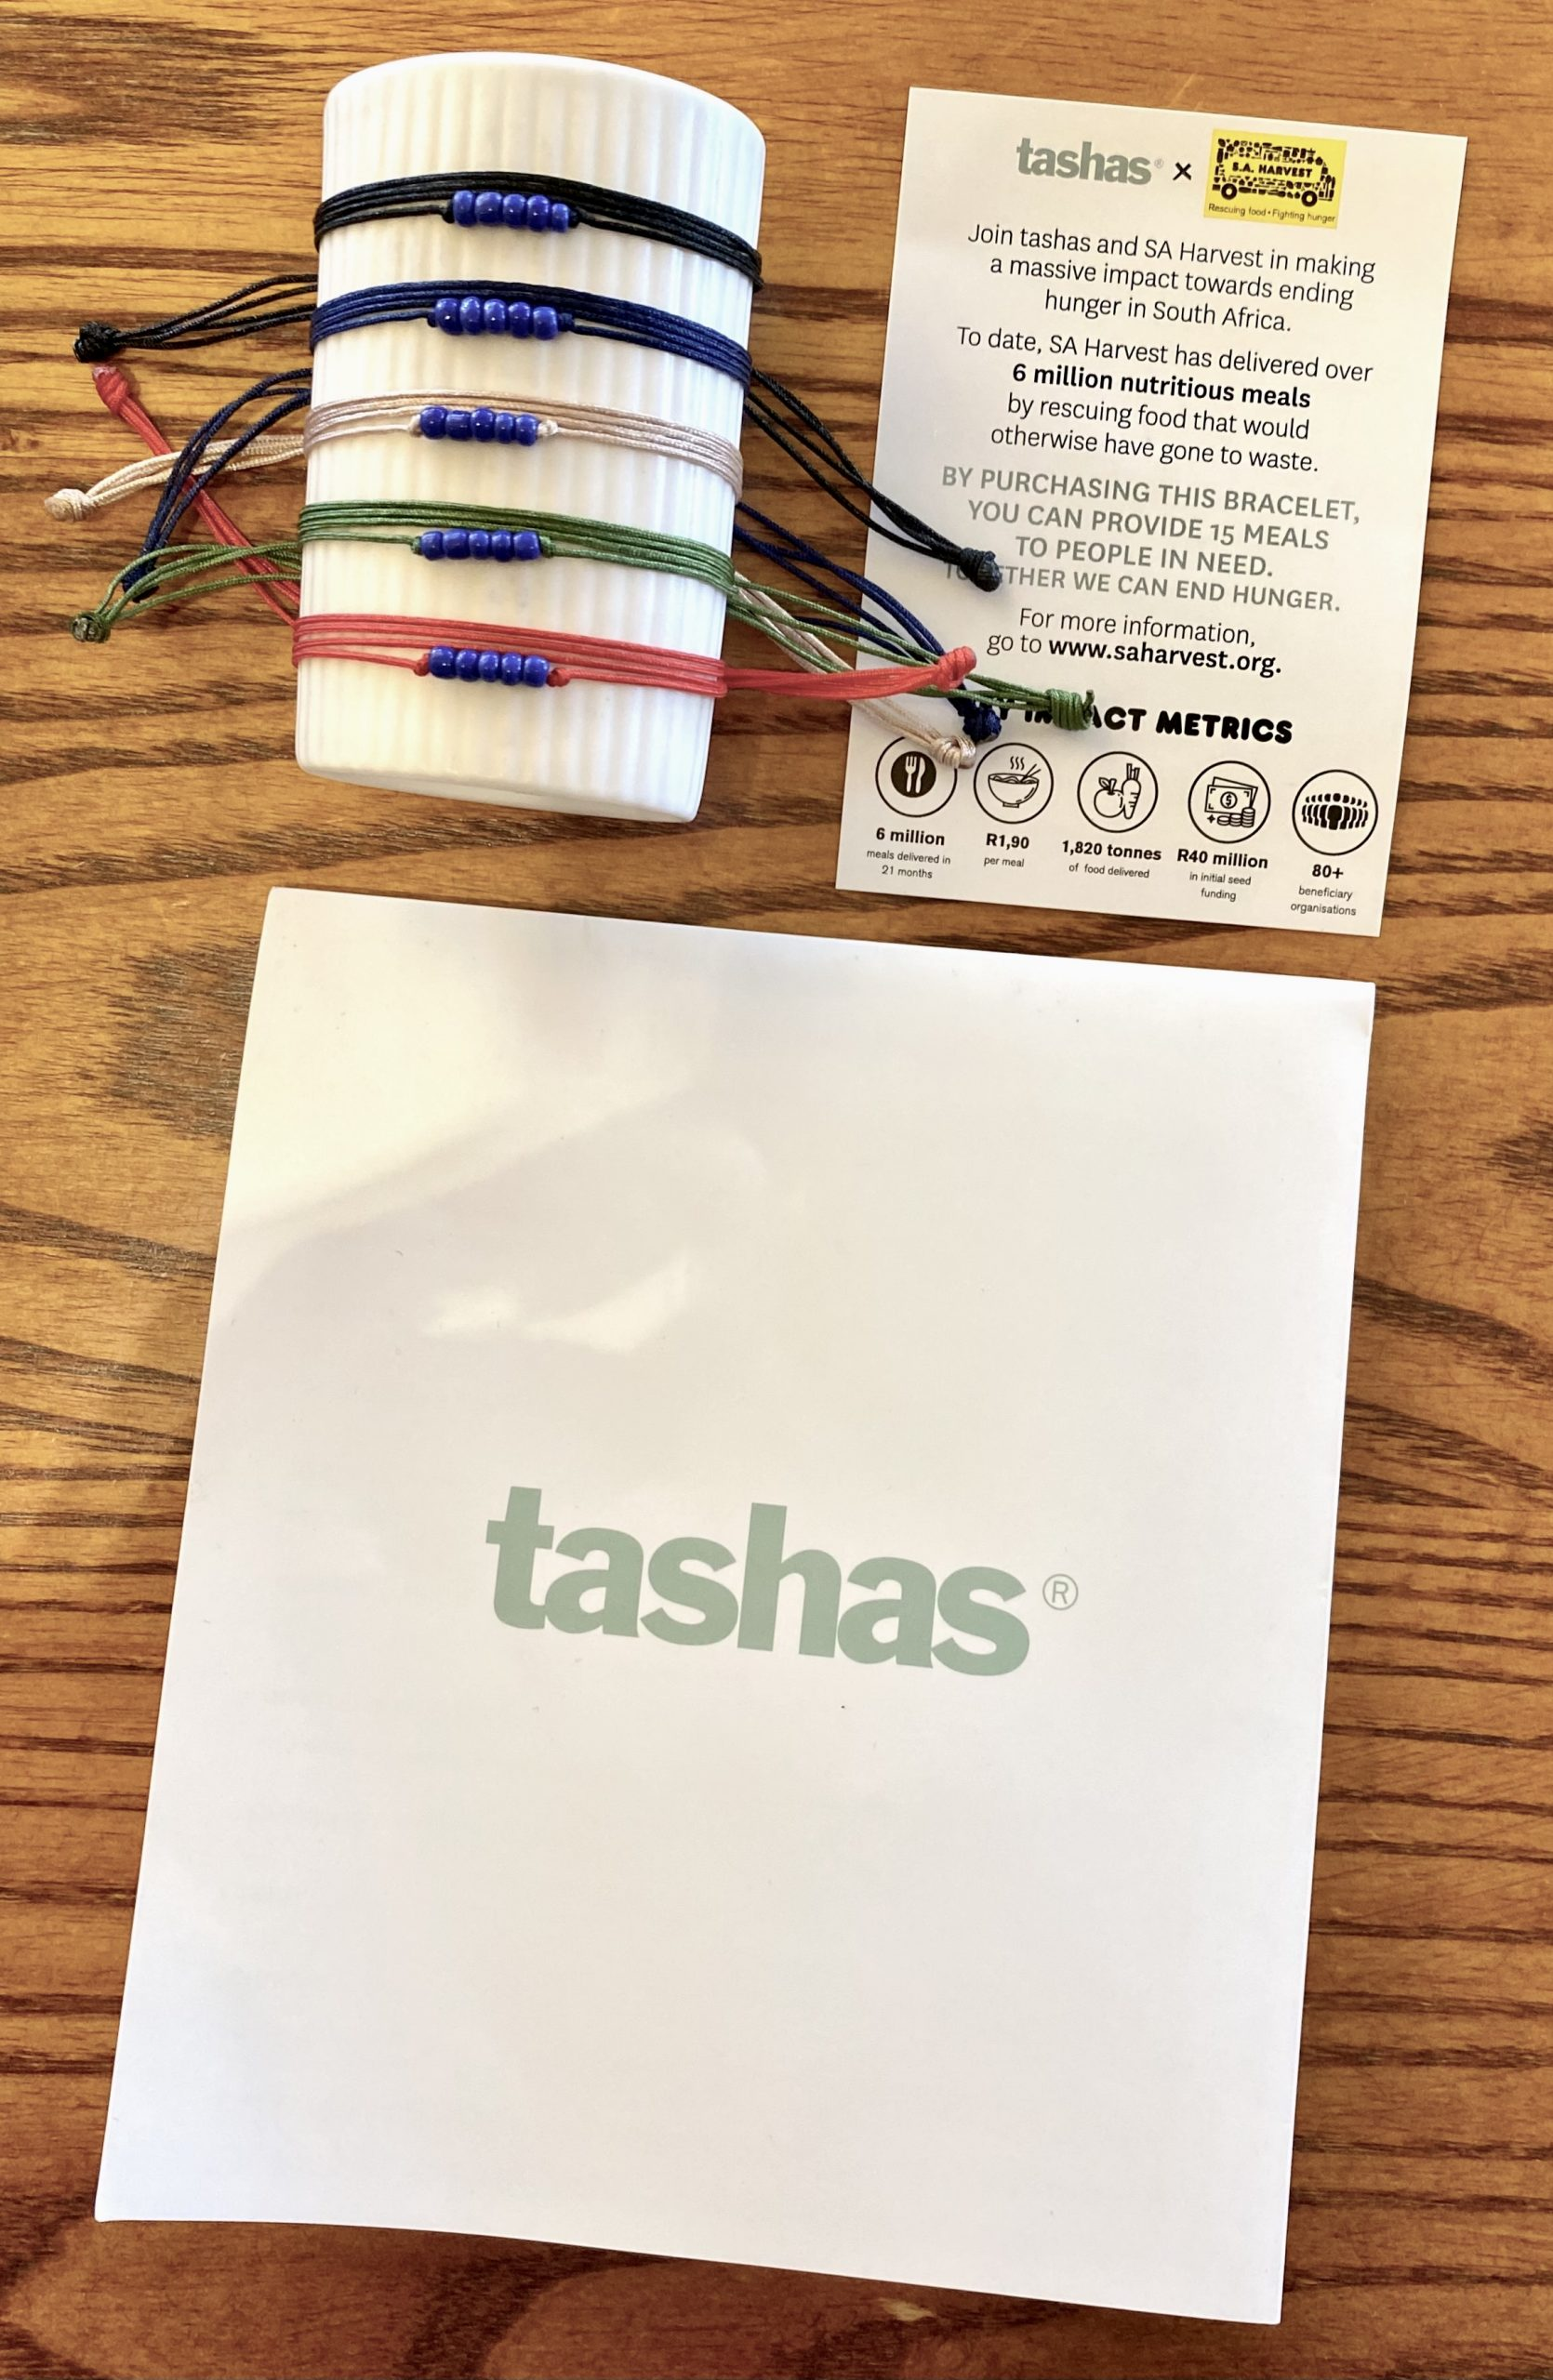 tashas, SA Harvest